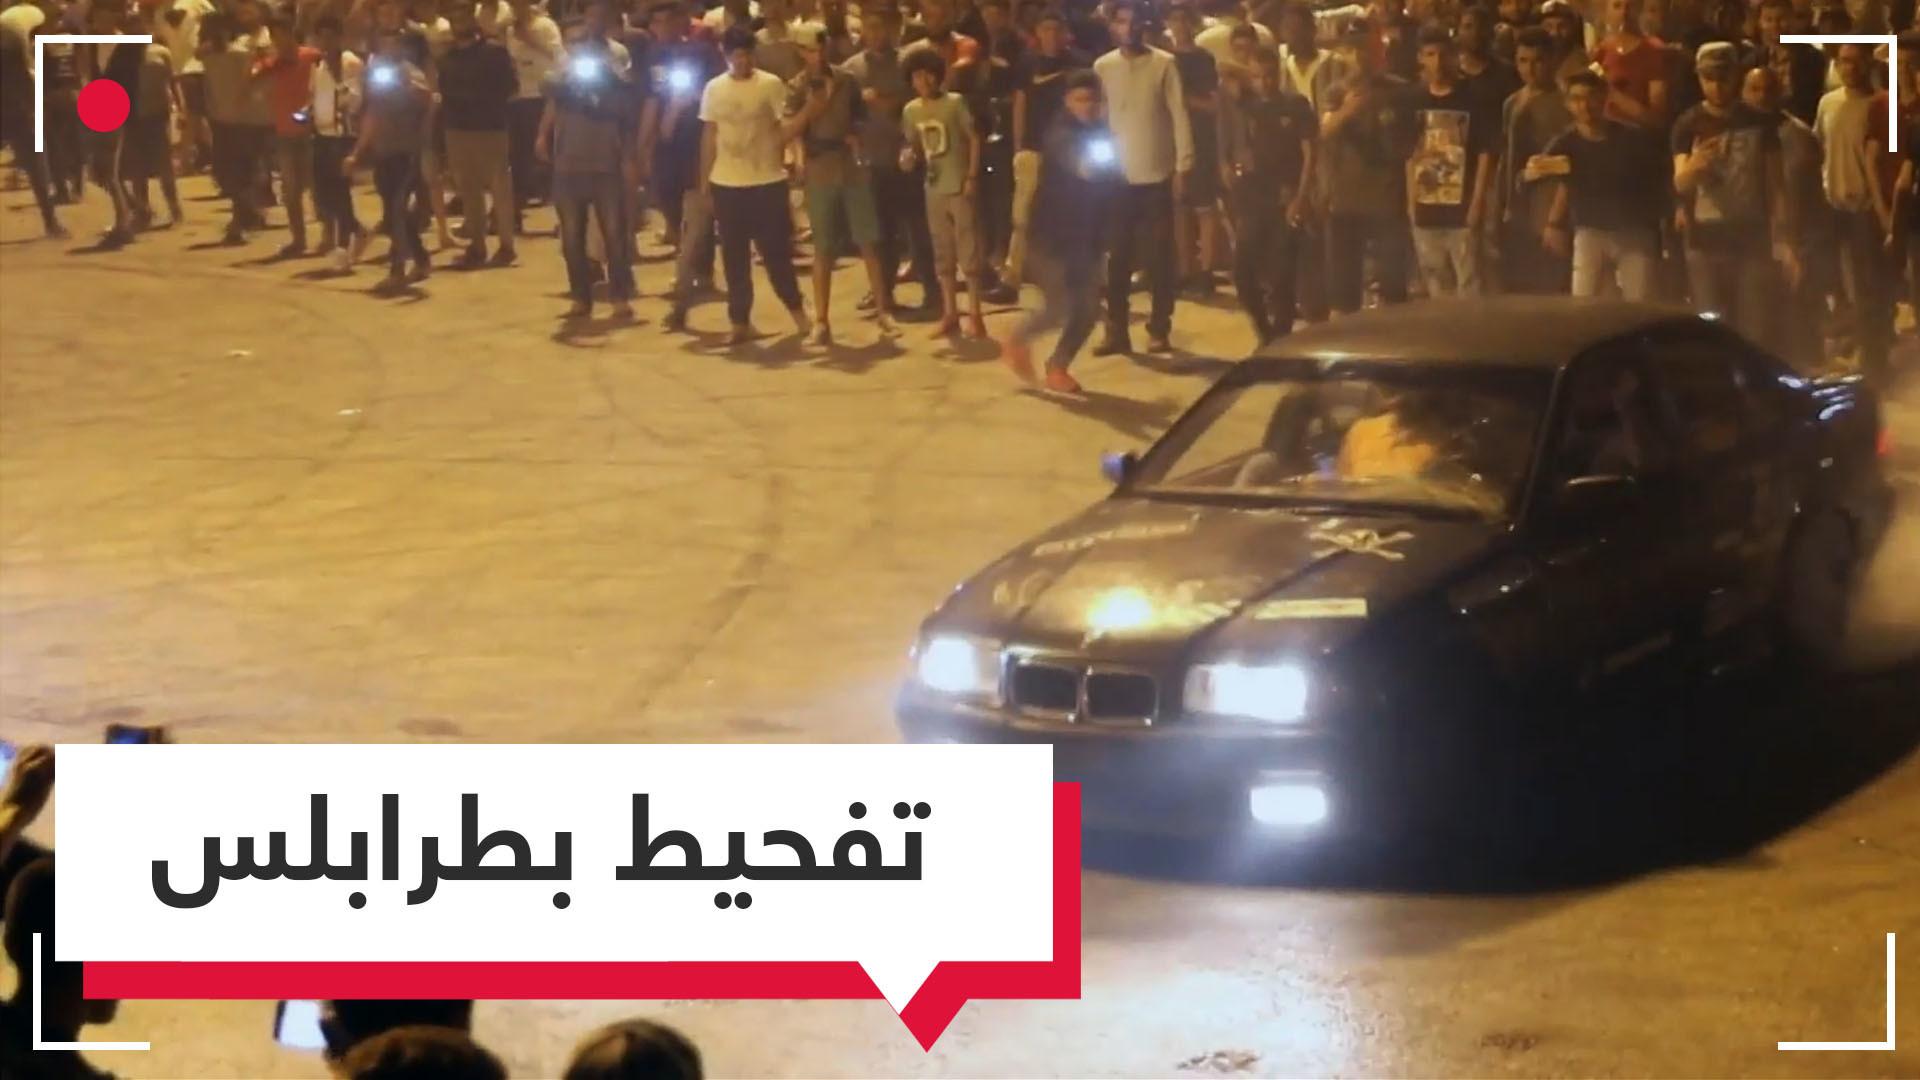 لم تمنعهم الحرب.. تفحيط بالسيارات في العاصمة الليبية طرابلس